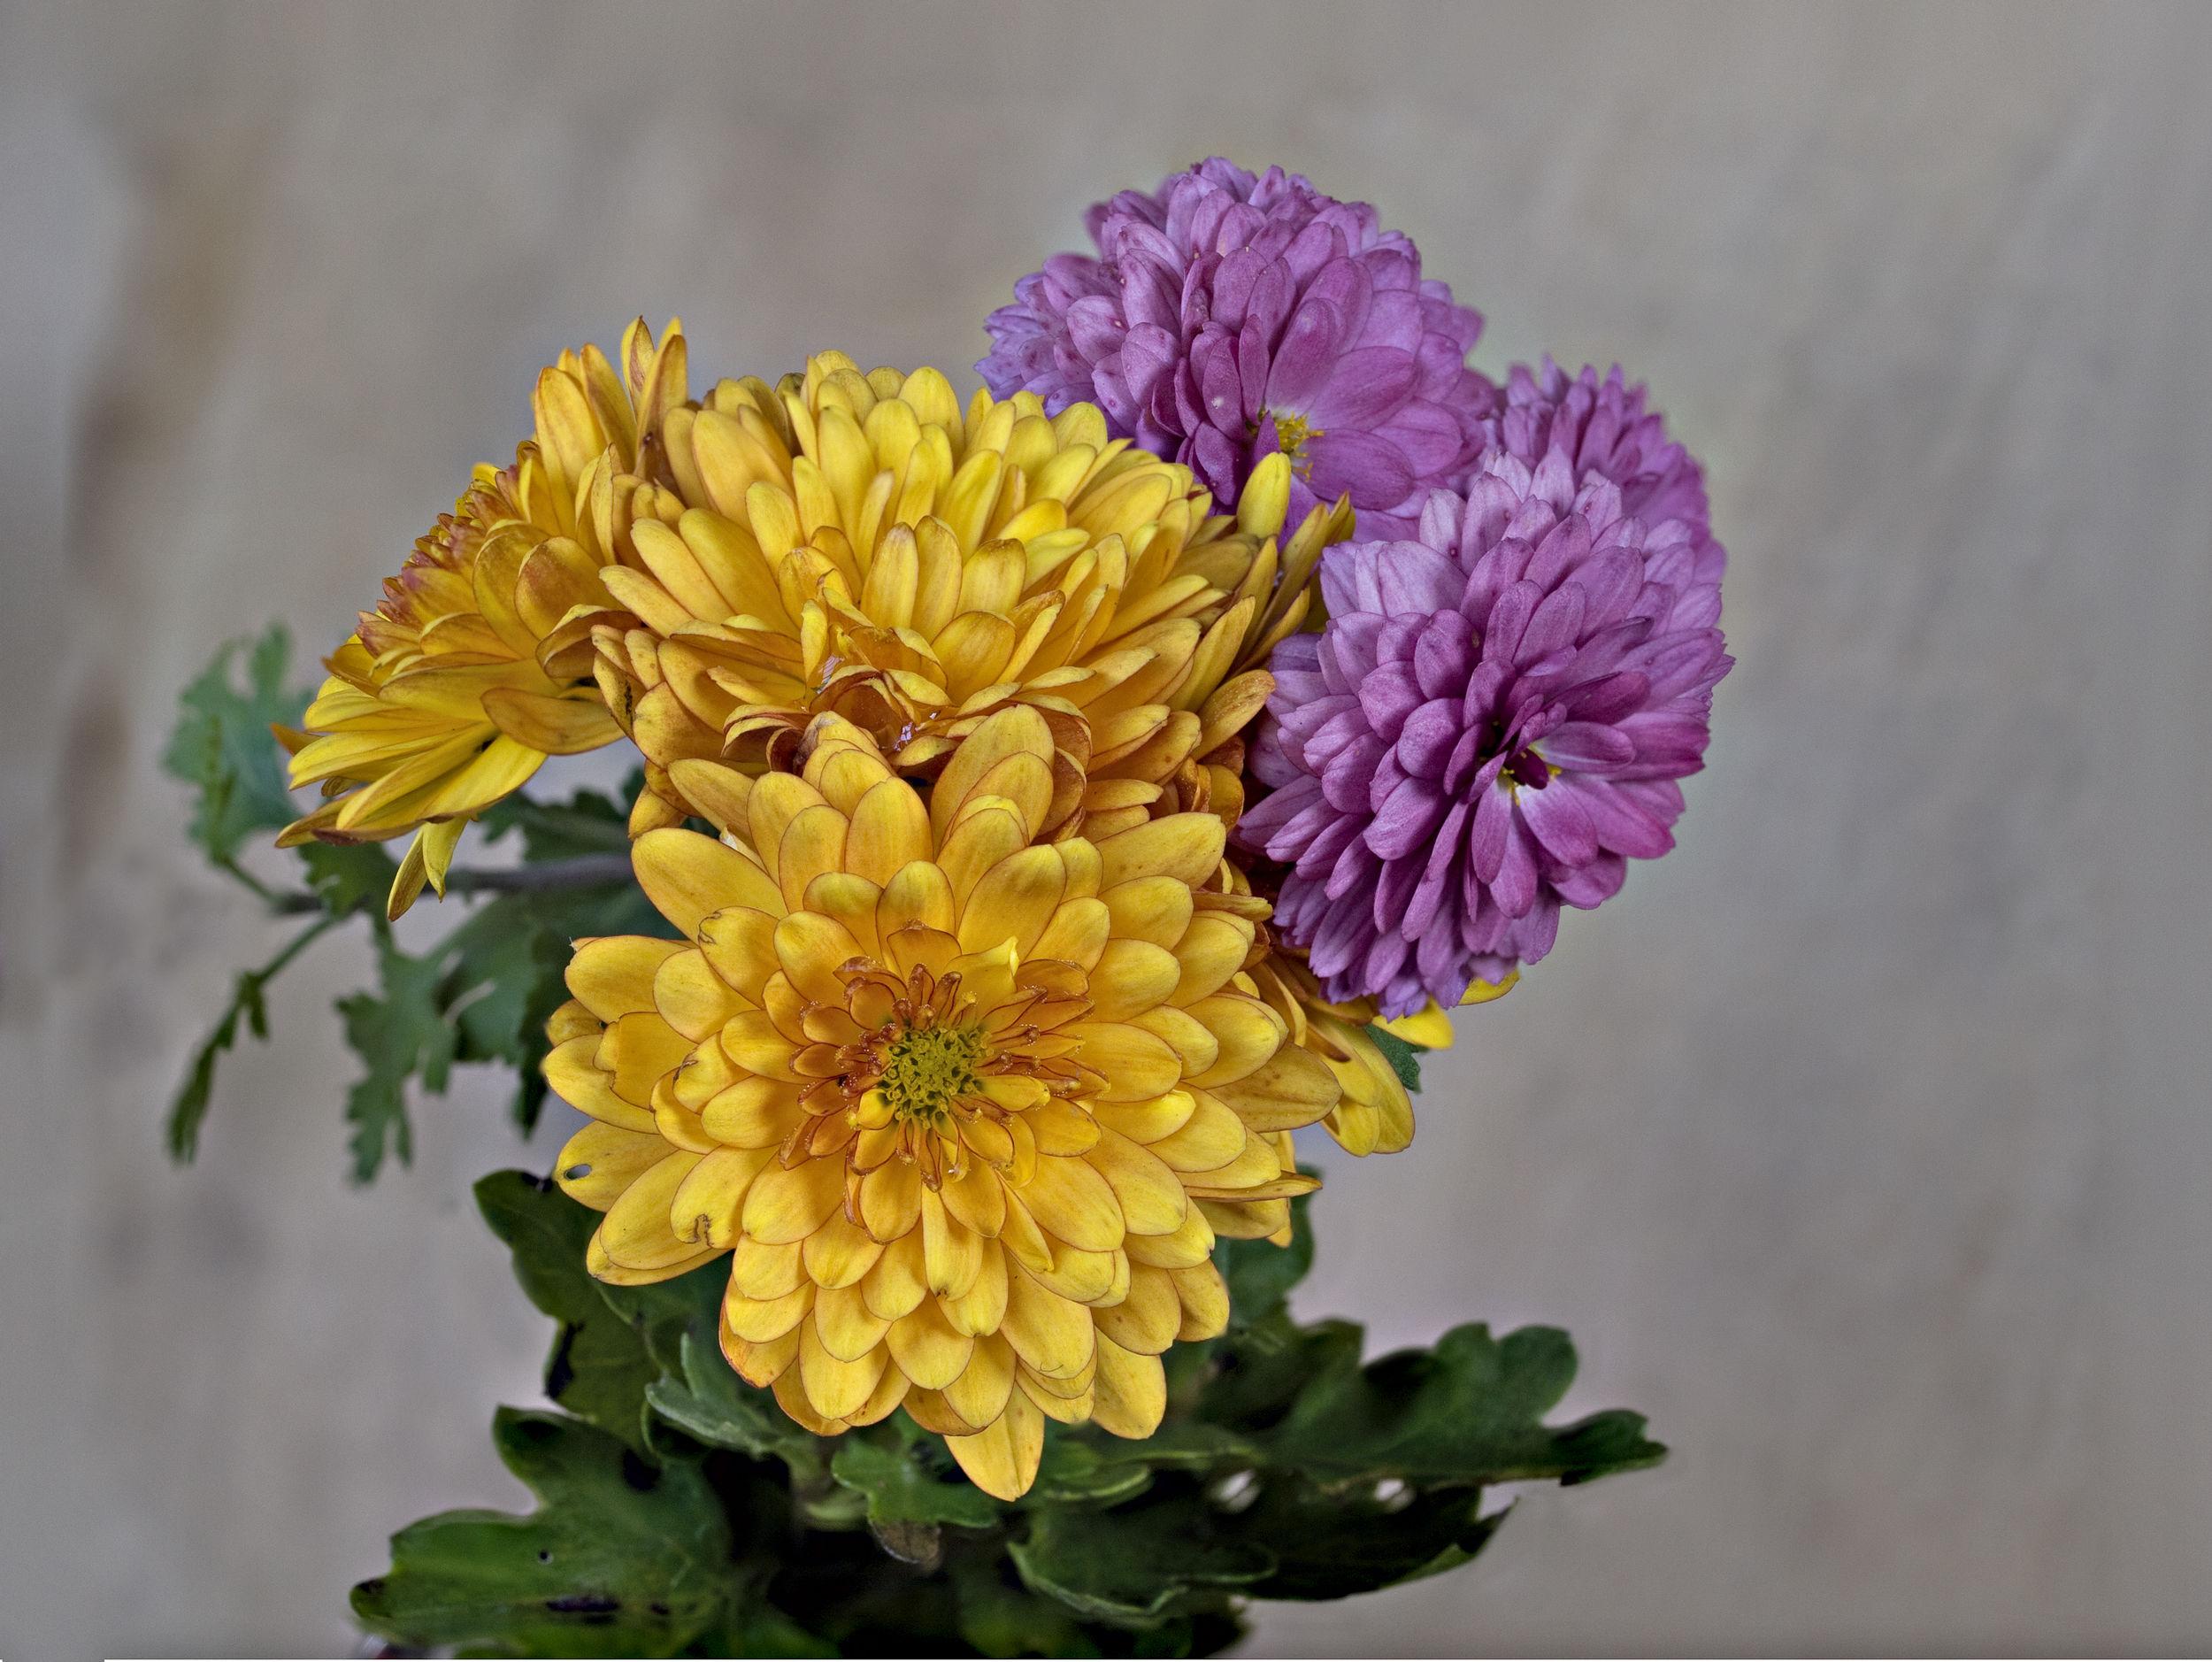 Fiori autunnali juzaphoto for Immagini fiori autunnali